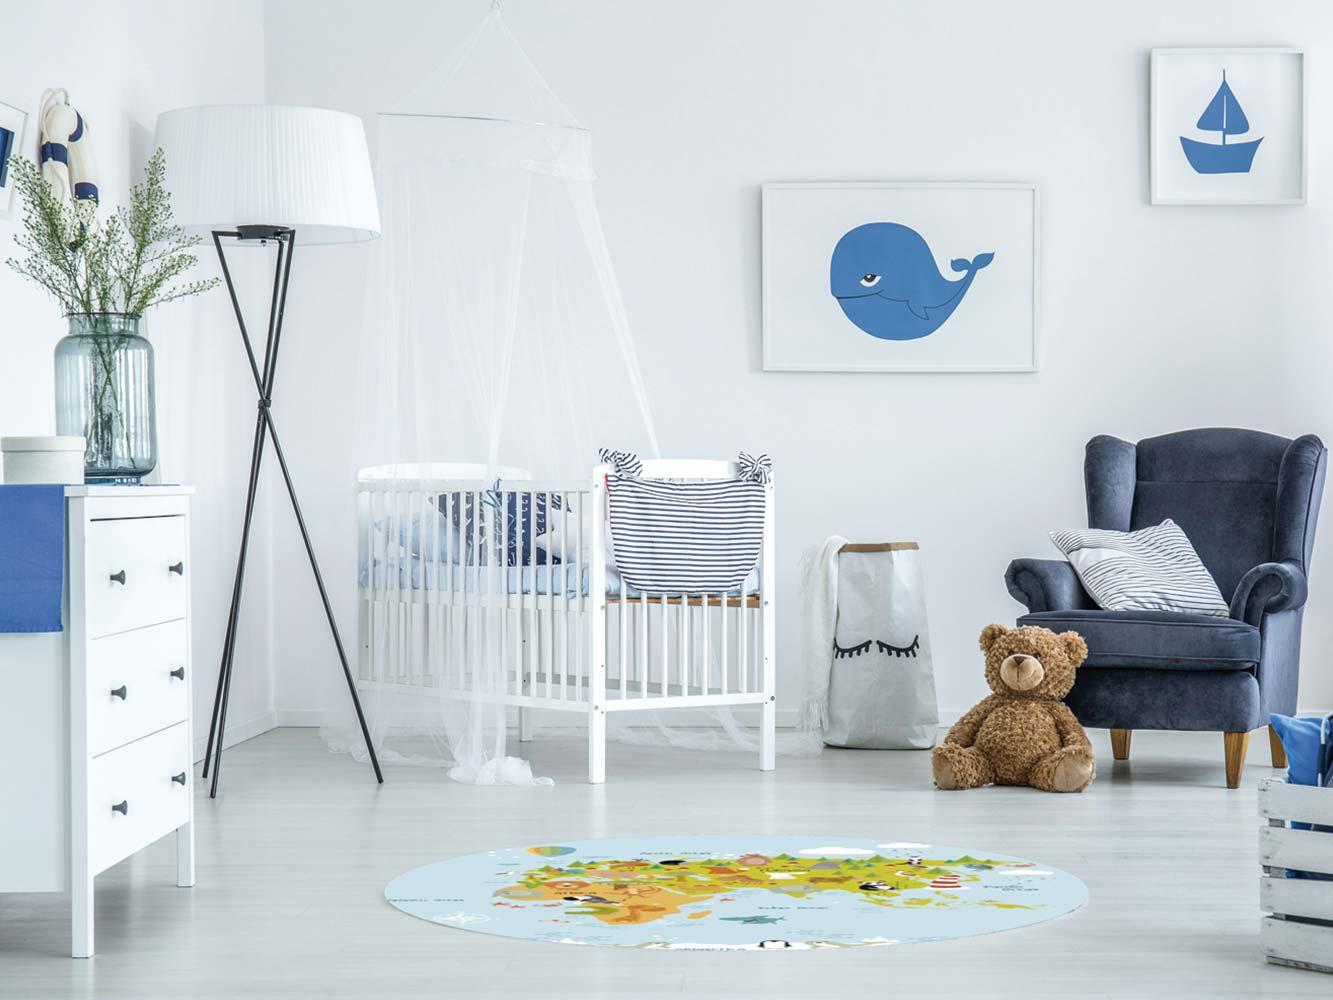 Alfombra PVC Infantil Eurasia | Carteles XXL - Impresión carteleria publicitaria